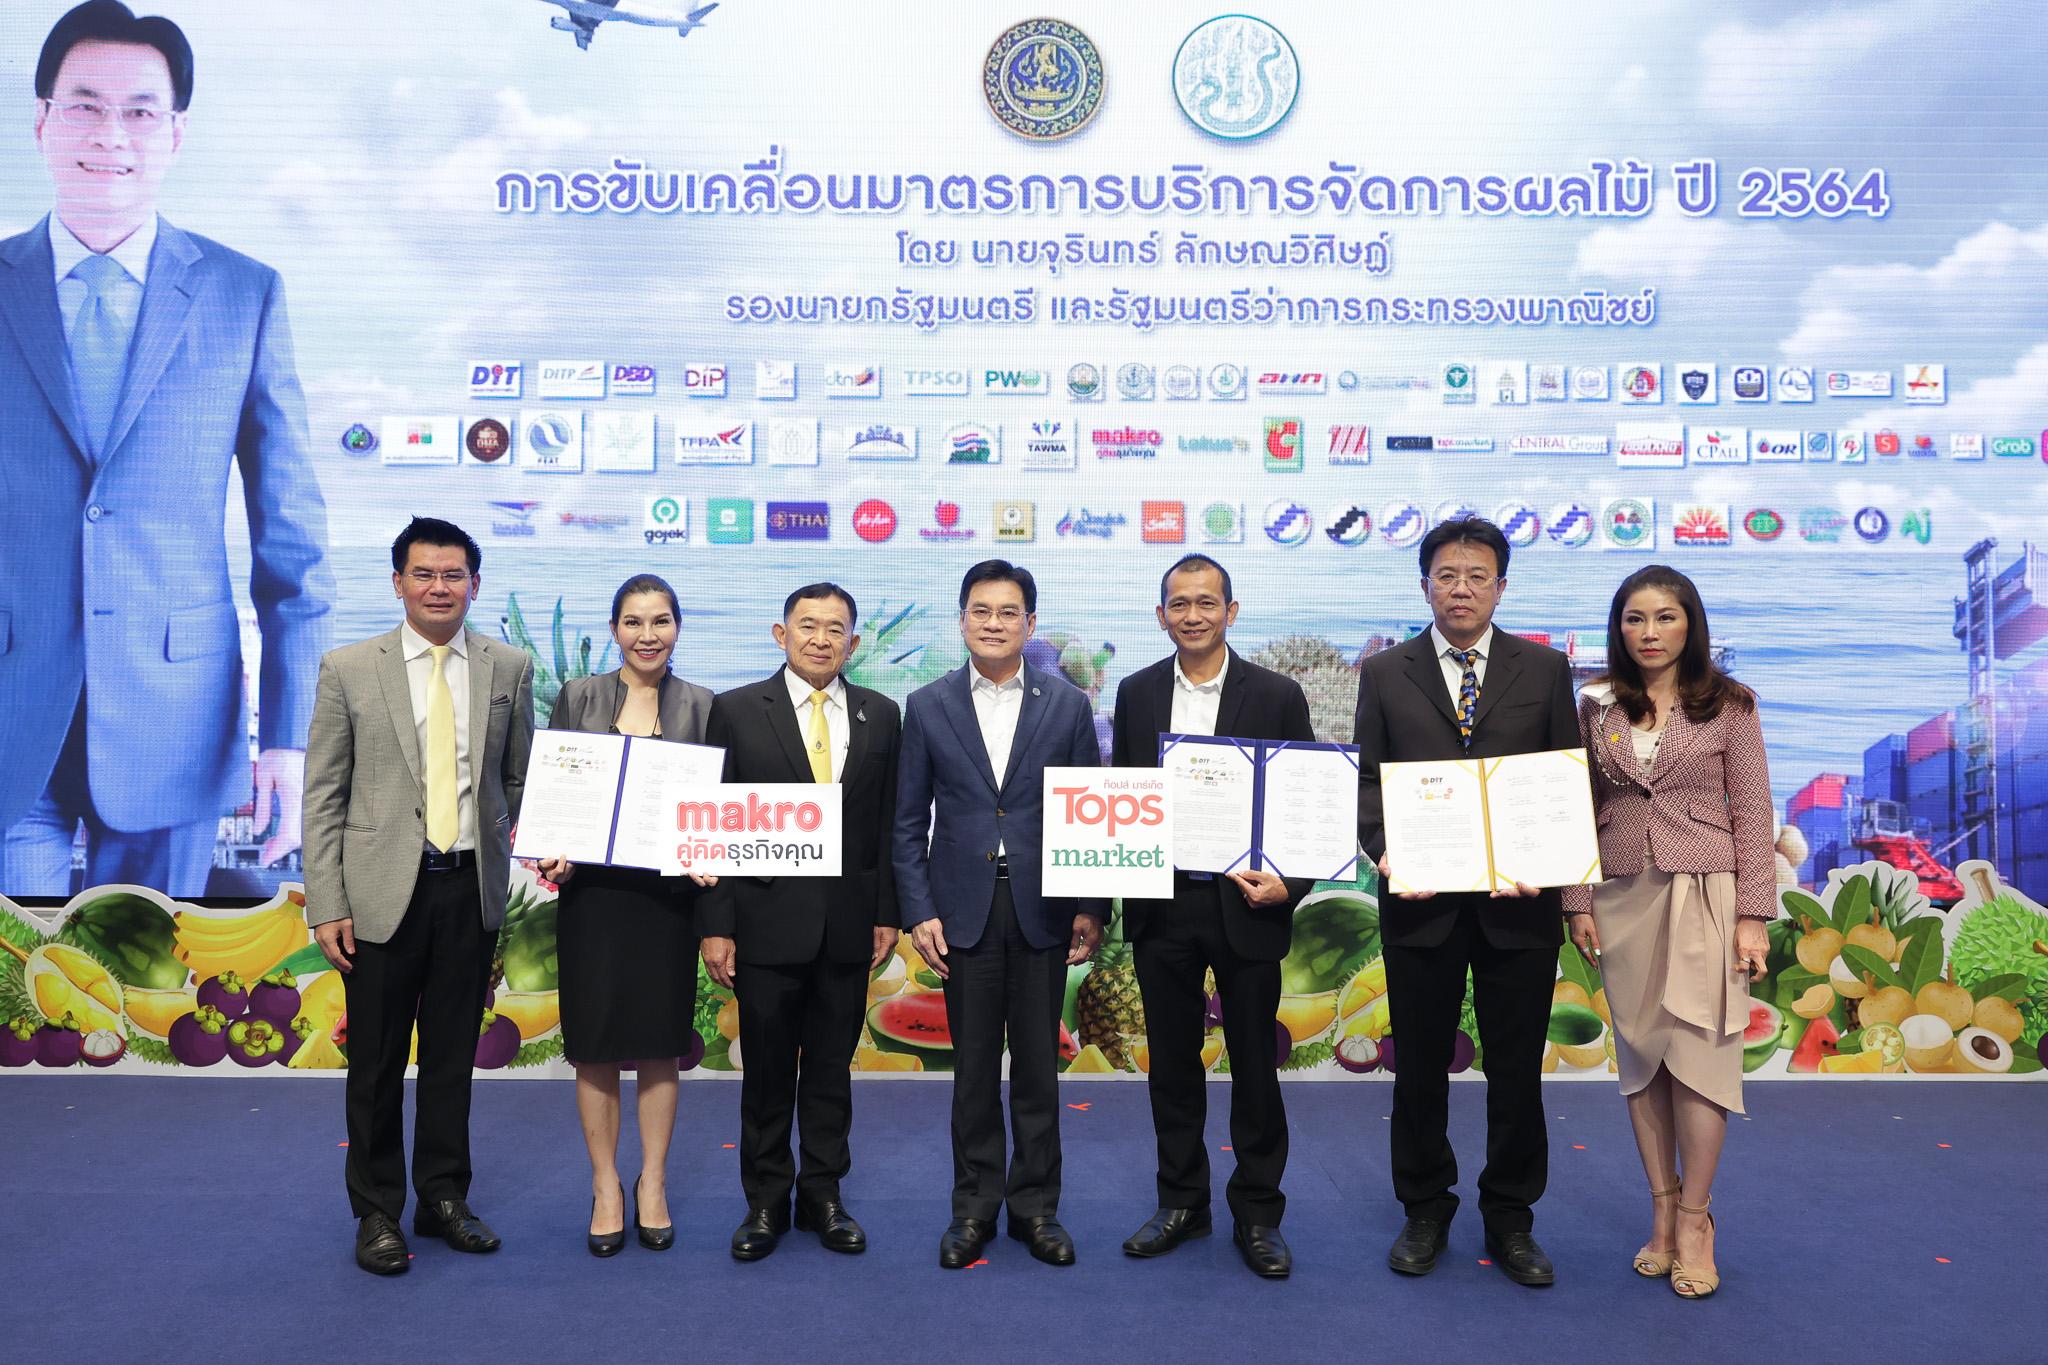 แม็คโคร บุกสวนทั่วไทย รับซื้อผลไม้ฤดูกาล กว่า 7,750 ตัน